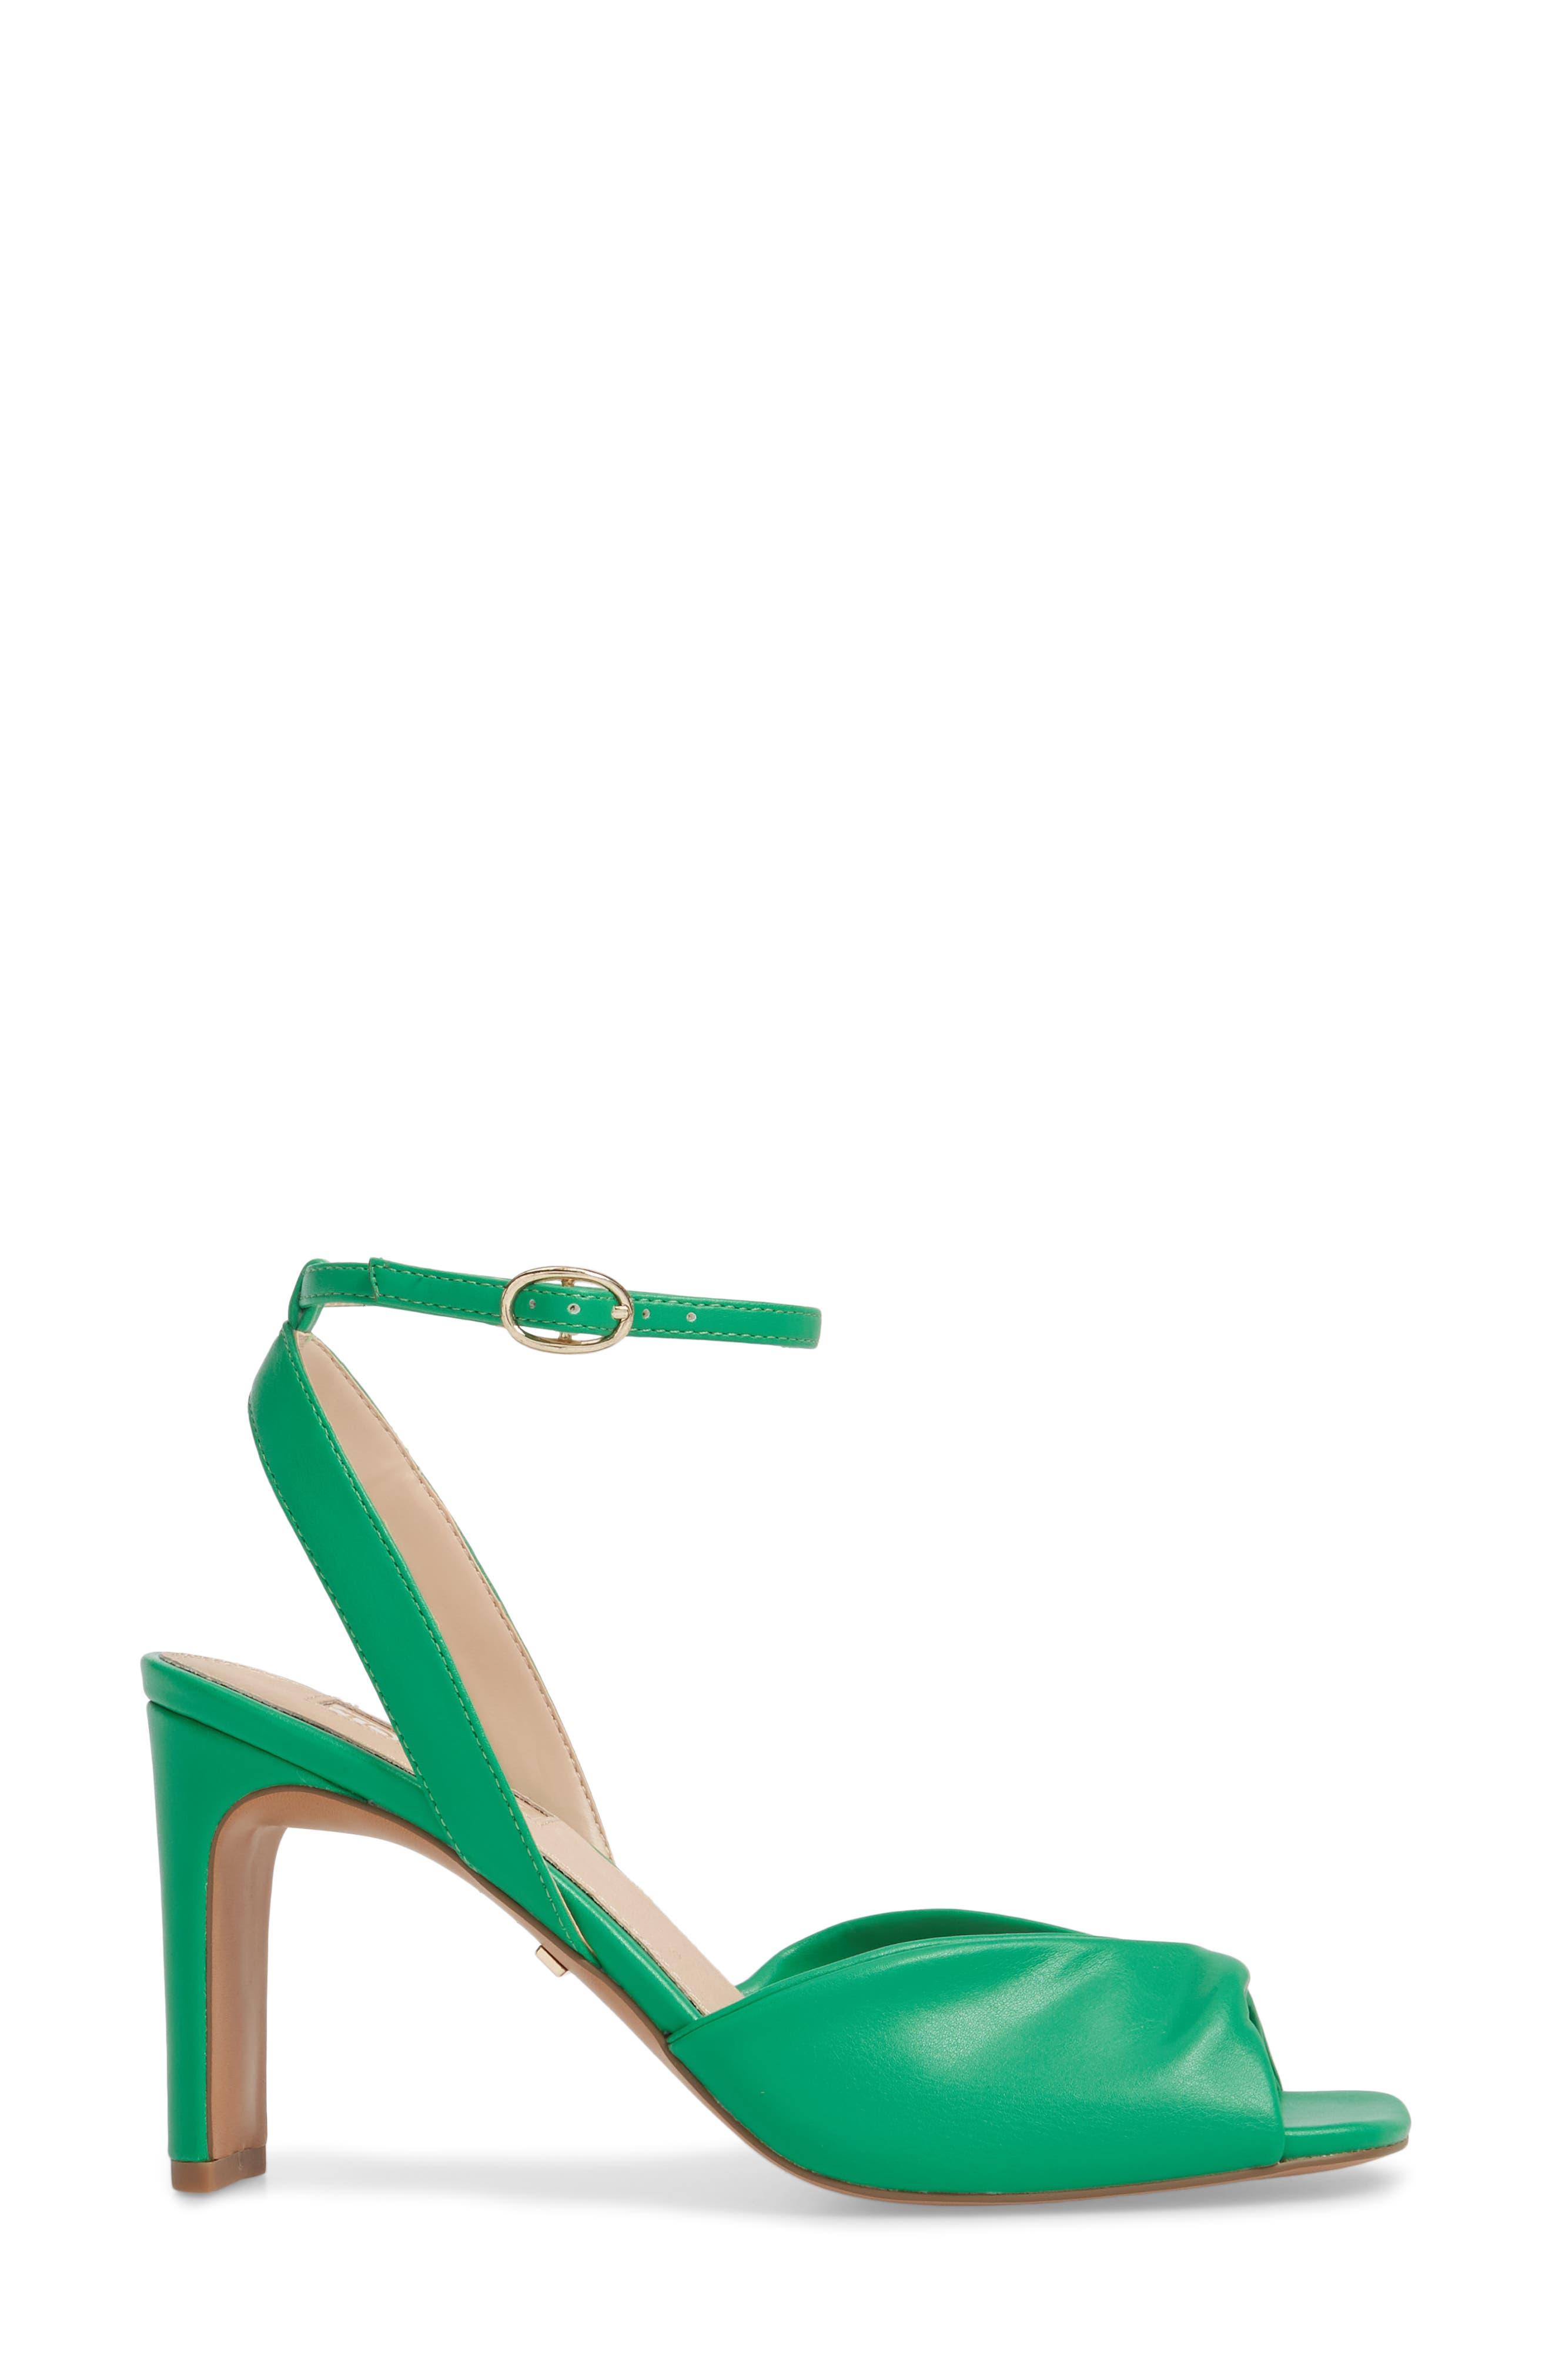 Raven Skinny Heel Sandal,                             Alternate thumbnail 3, color,                             Green